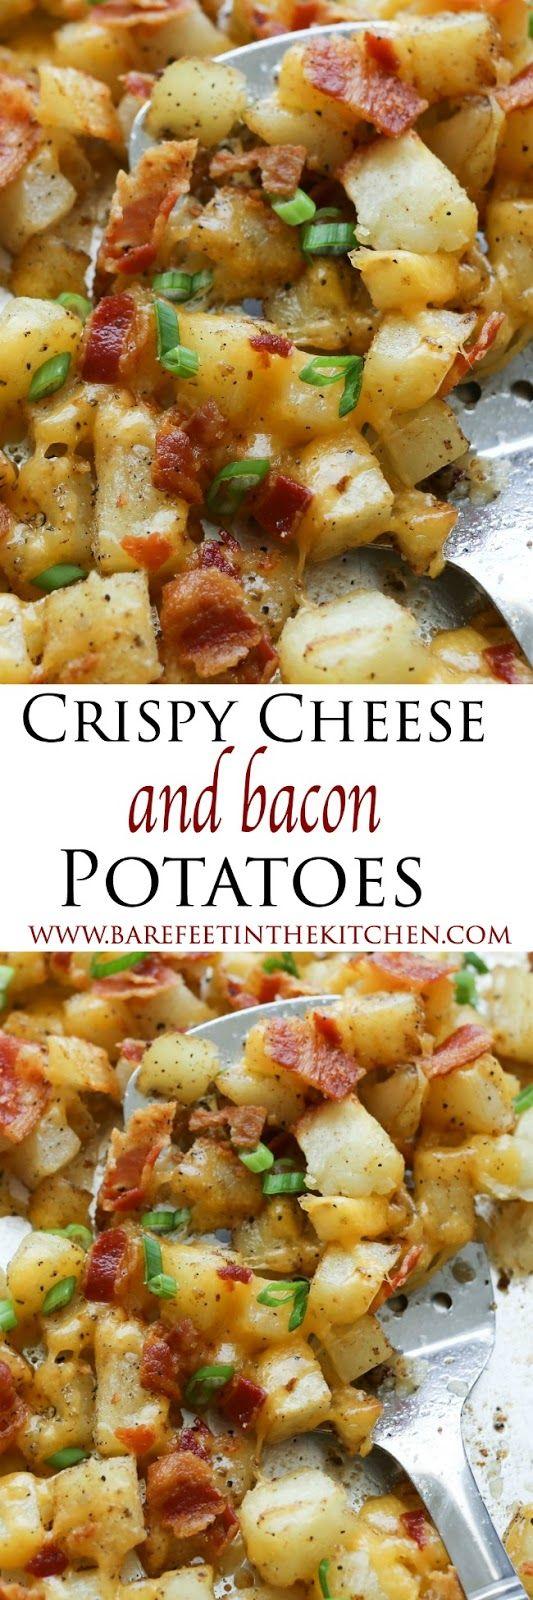 Queso y patatas crujientes de tocino - conseguir la receta en barefeetinthekitchen.com